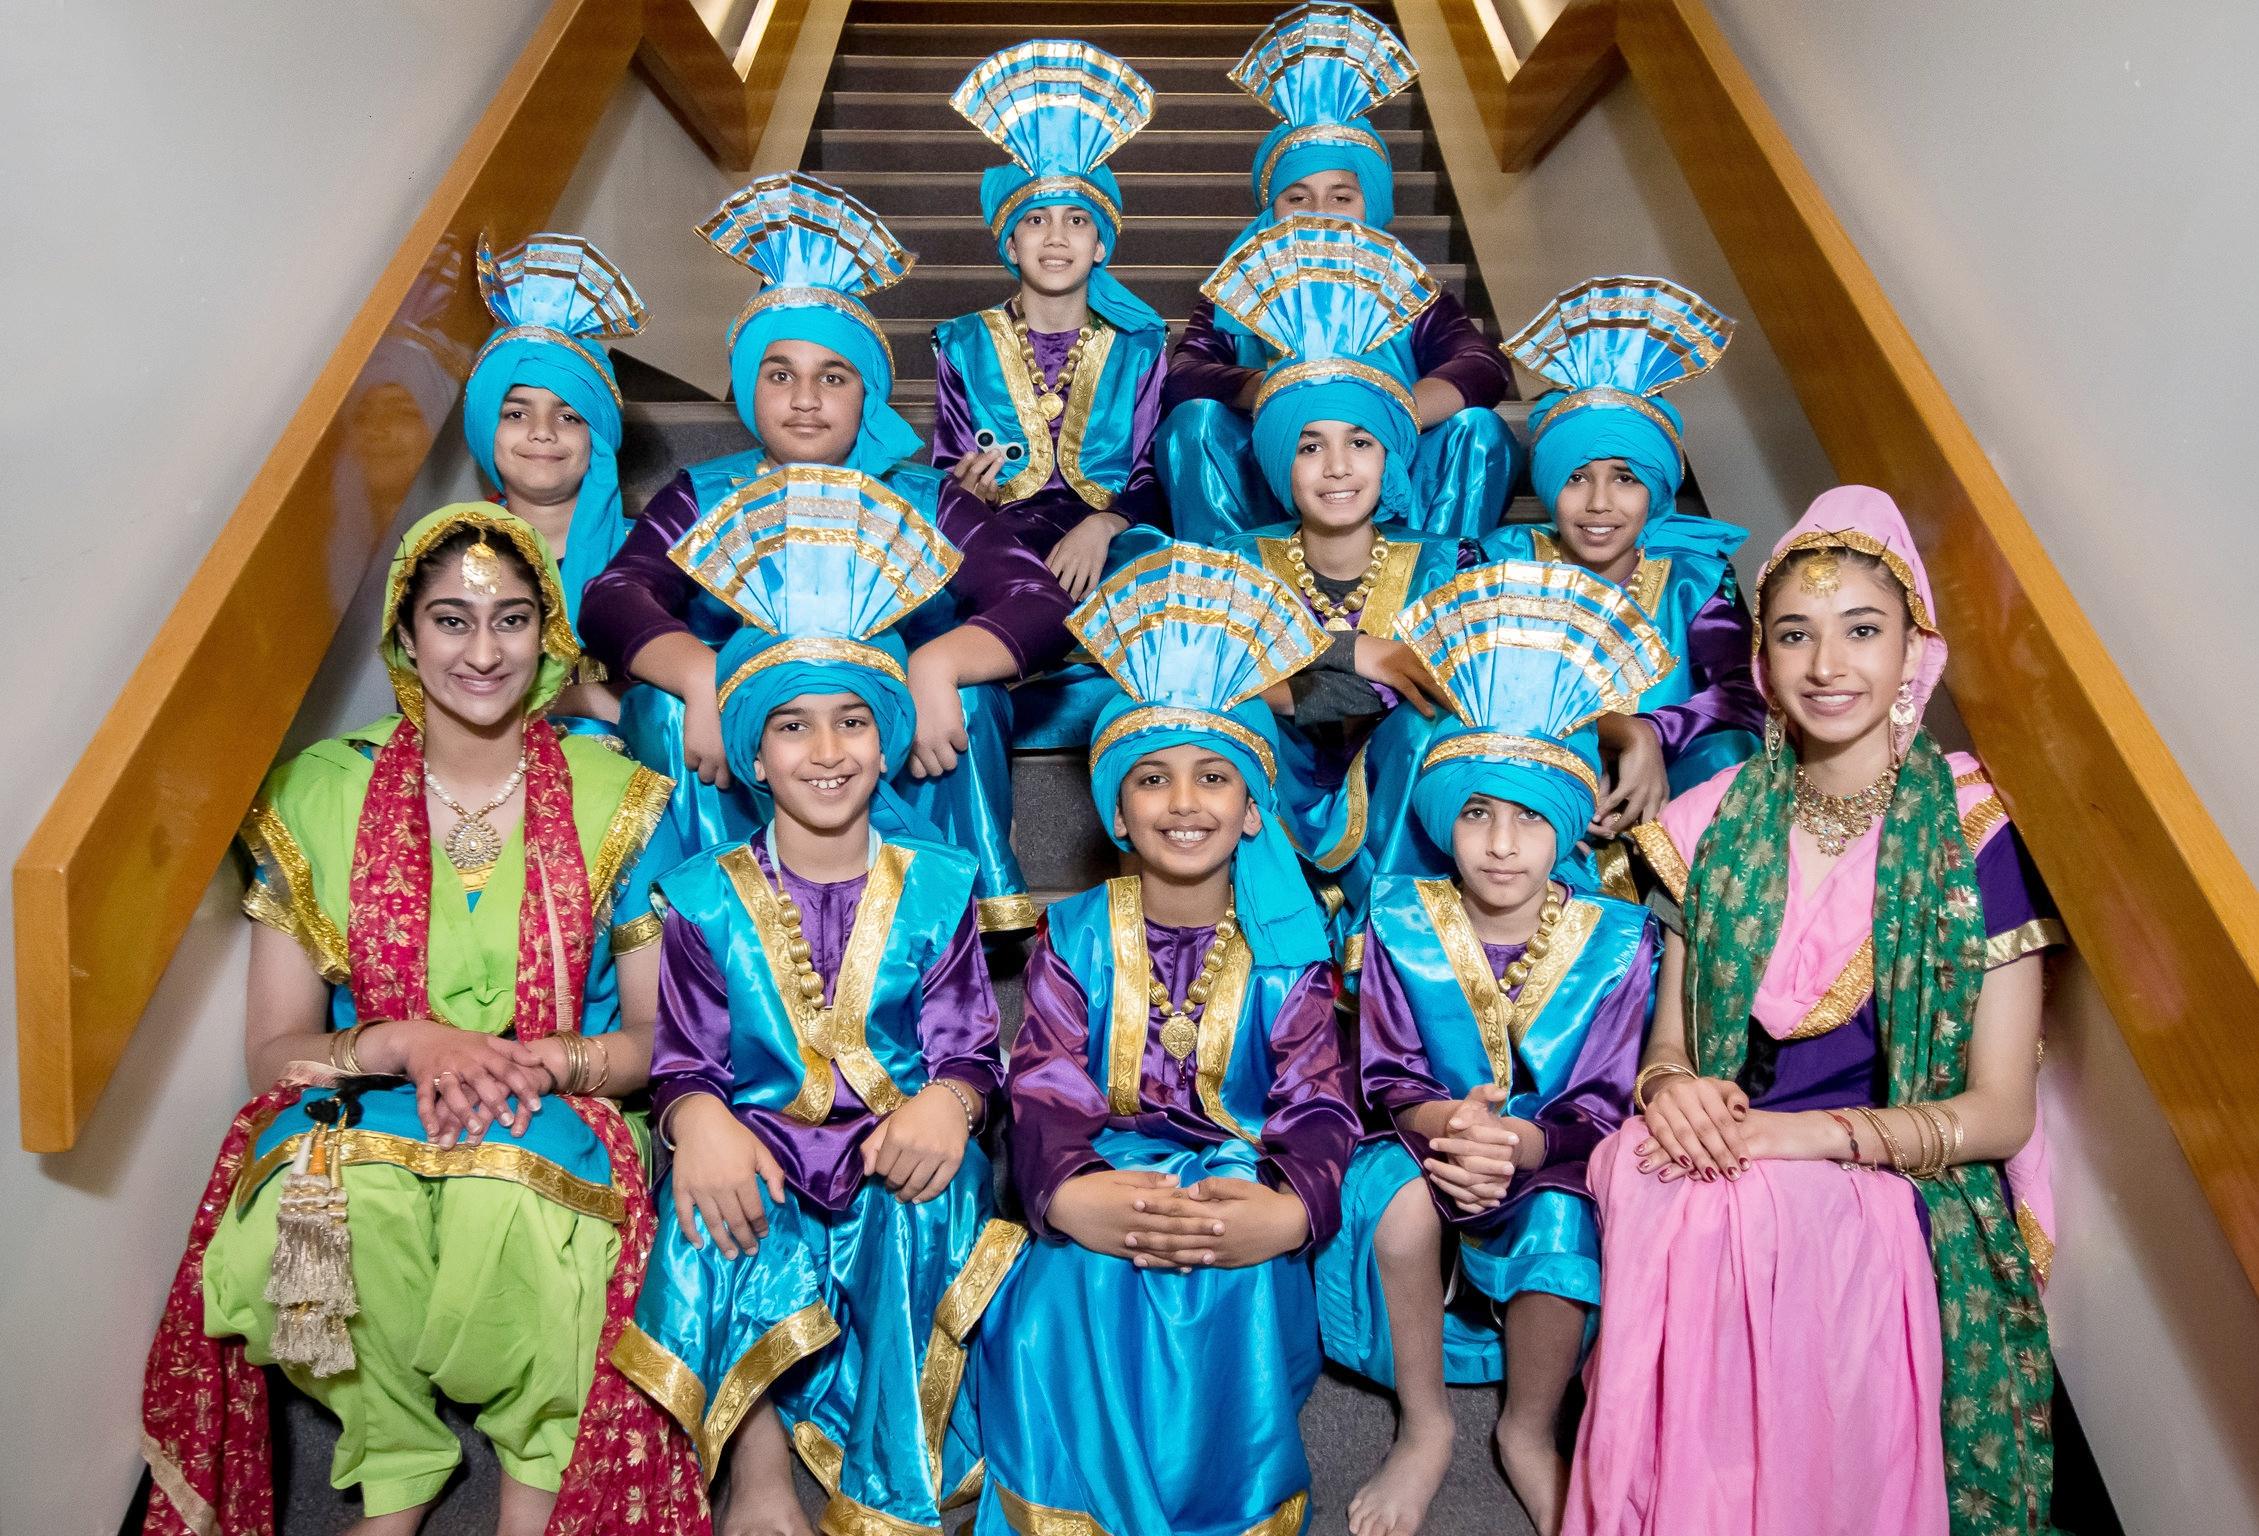 20170514 - Shan-e-Punjab Vaisakhi performance-0010.jpg